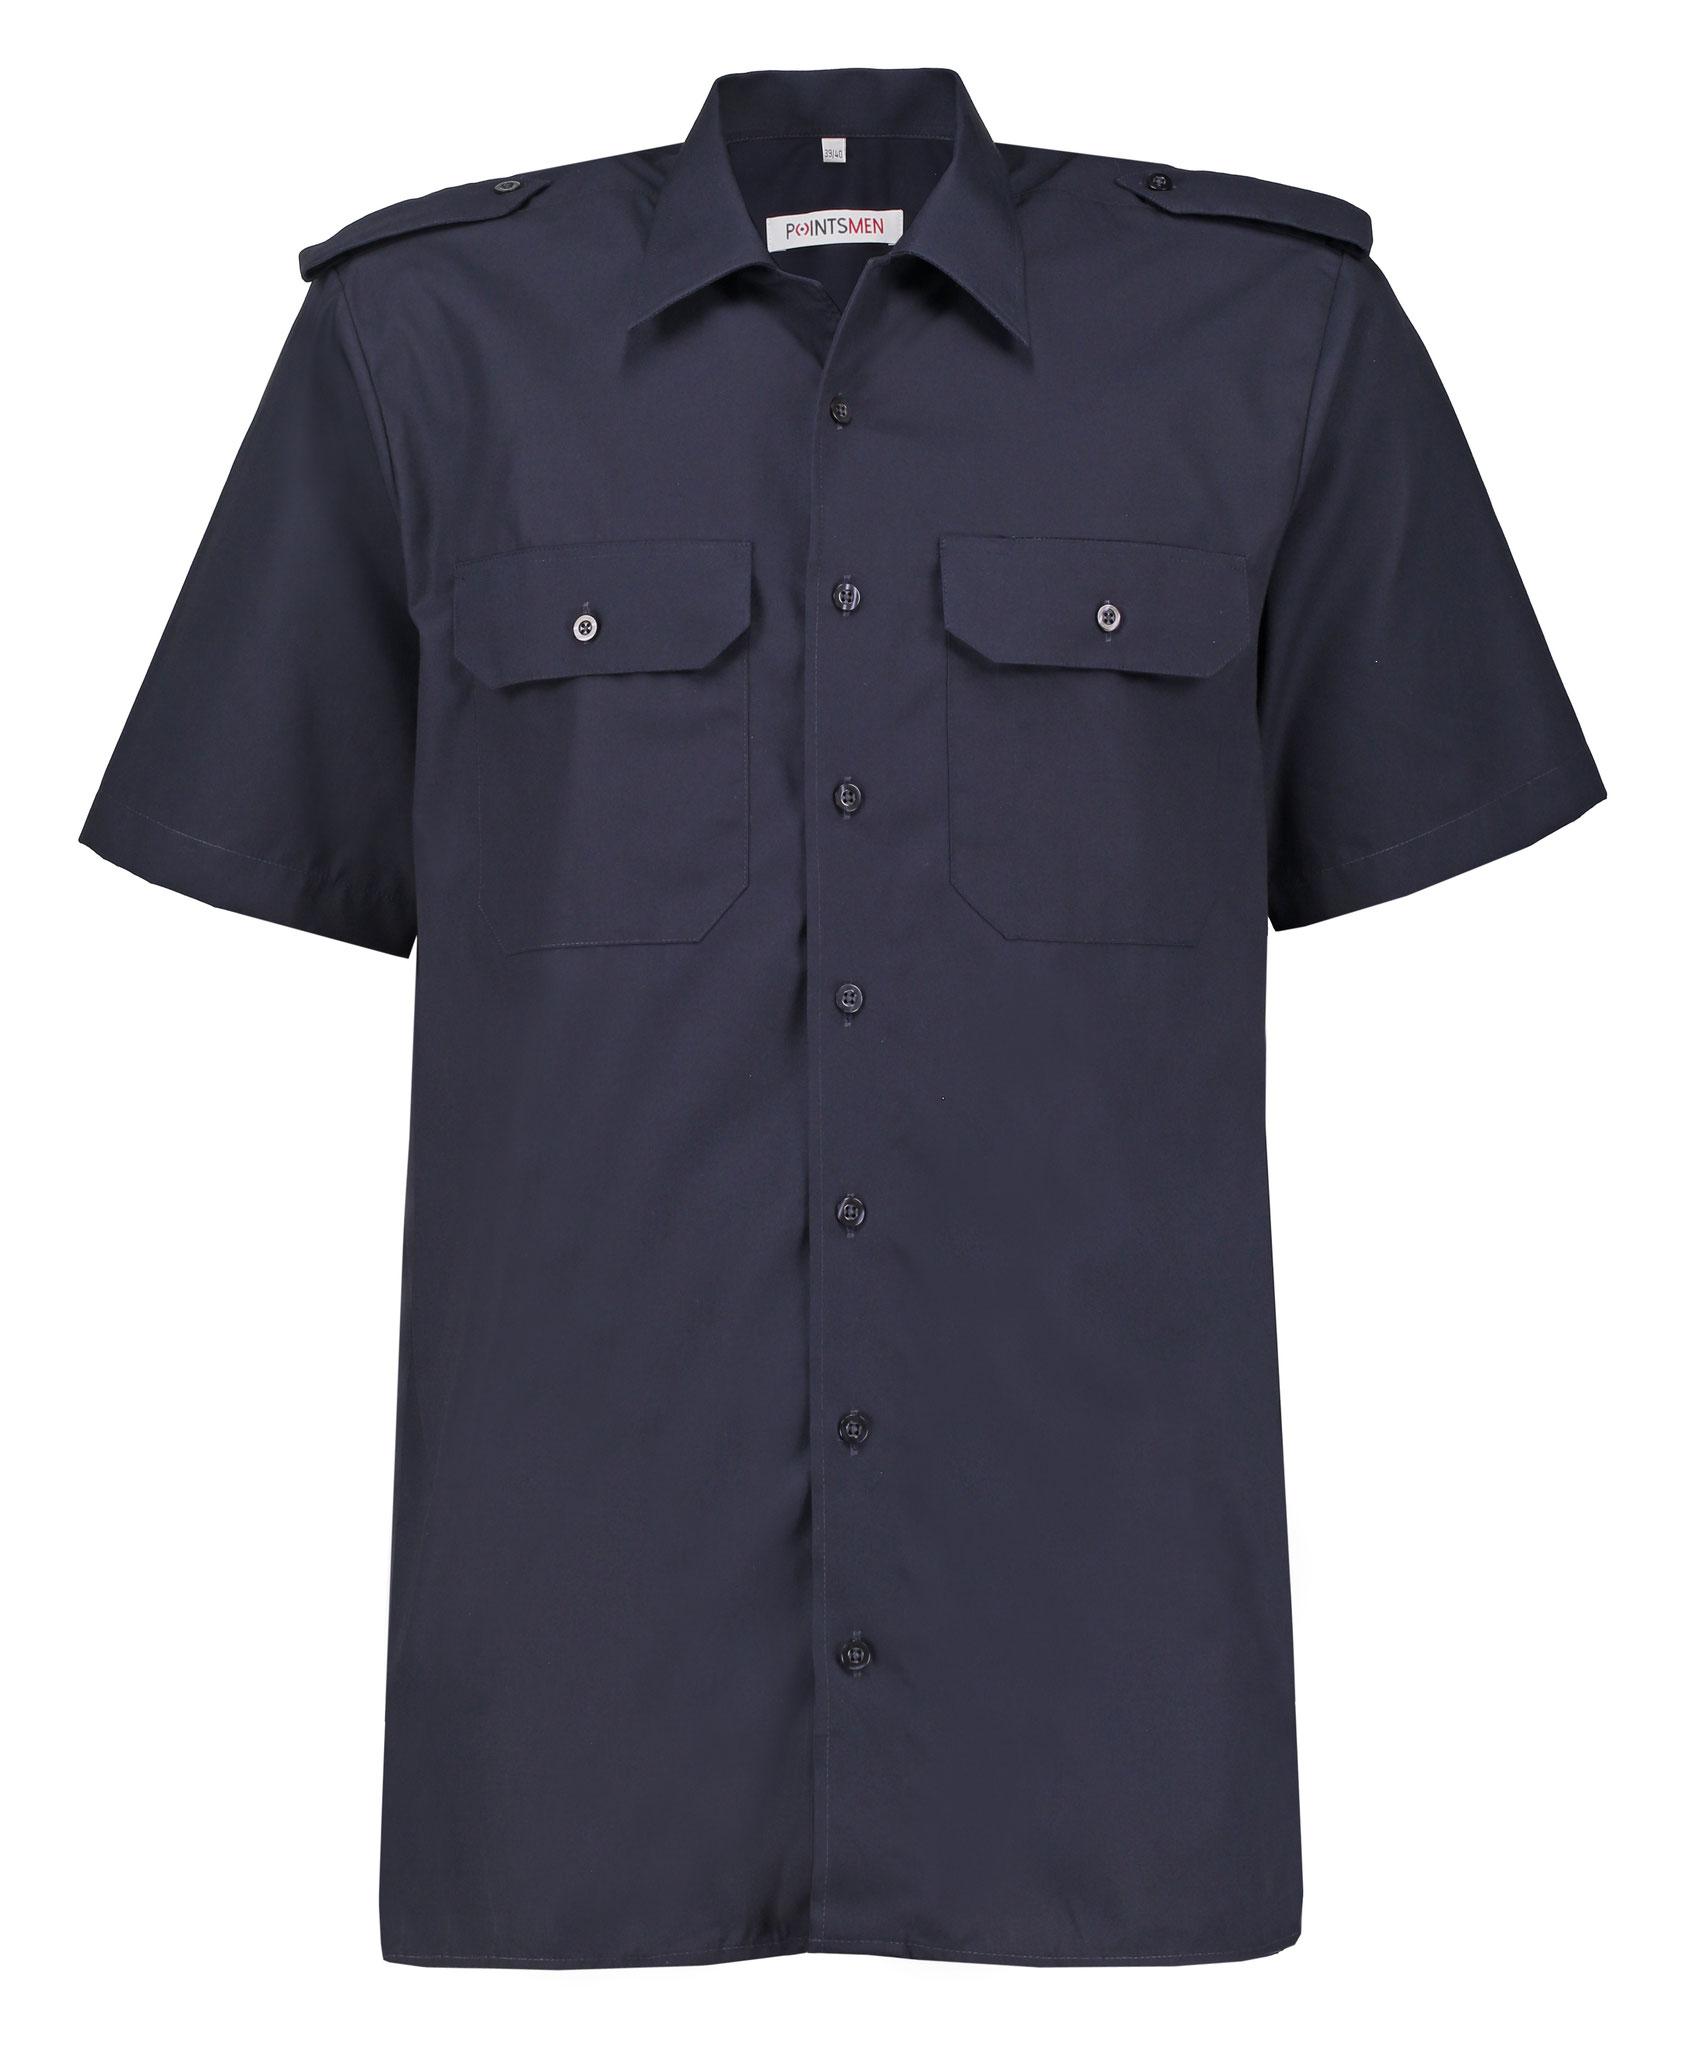 Diensthemd marine kurzarm